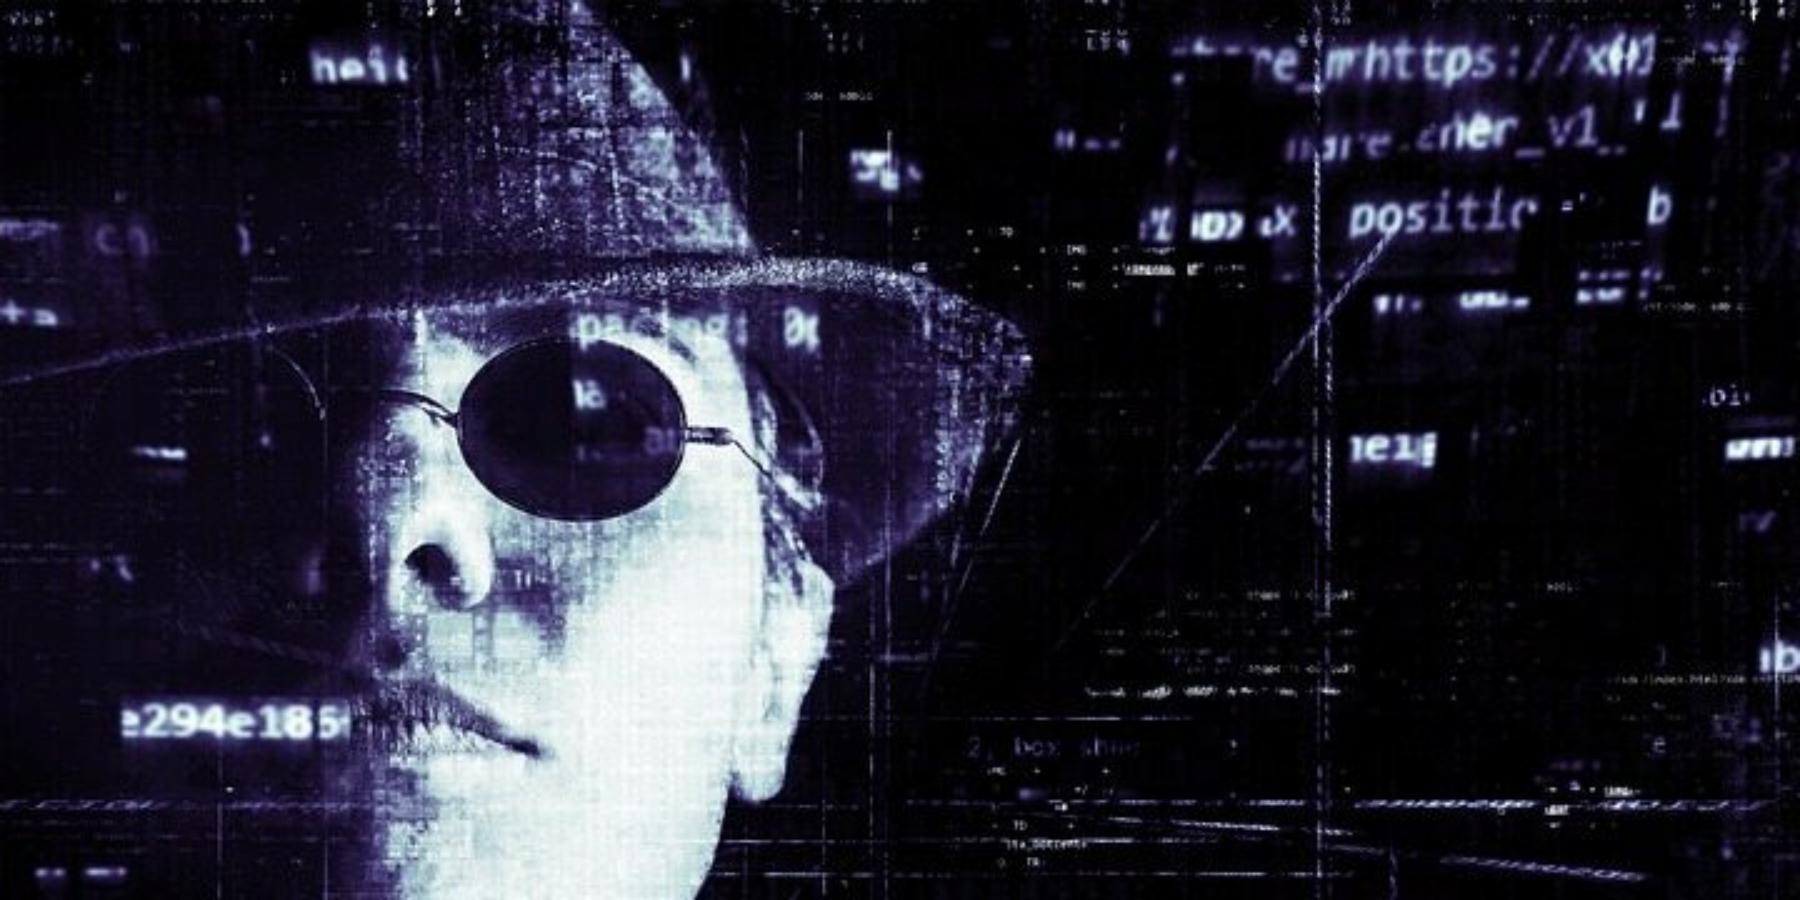 Otym jak programista, któryzatrzymał atak malware został aresztowany